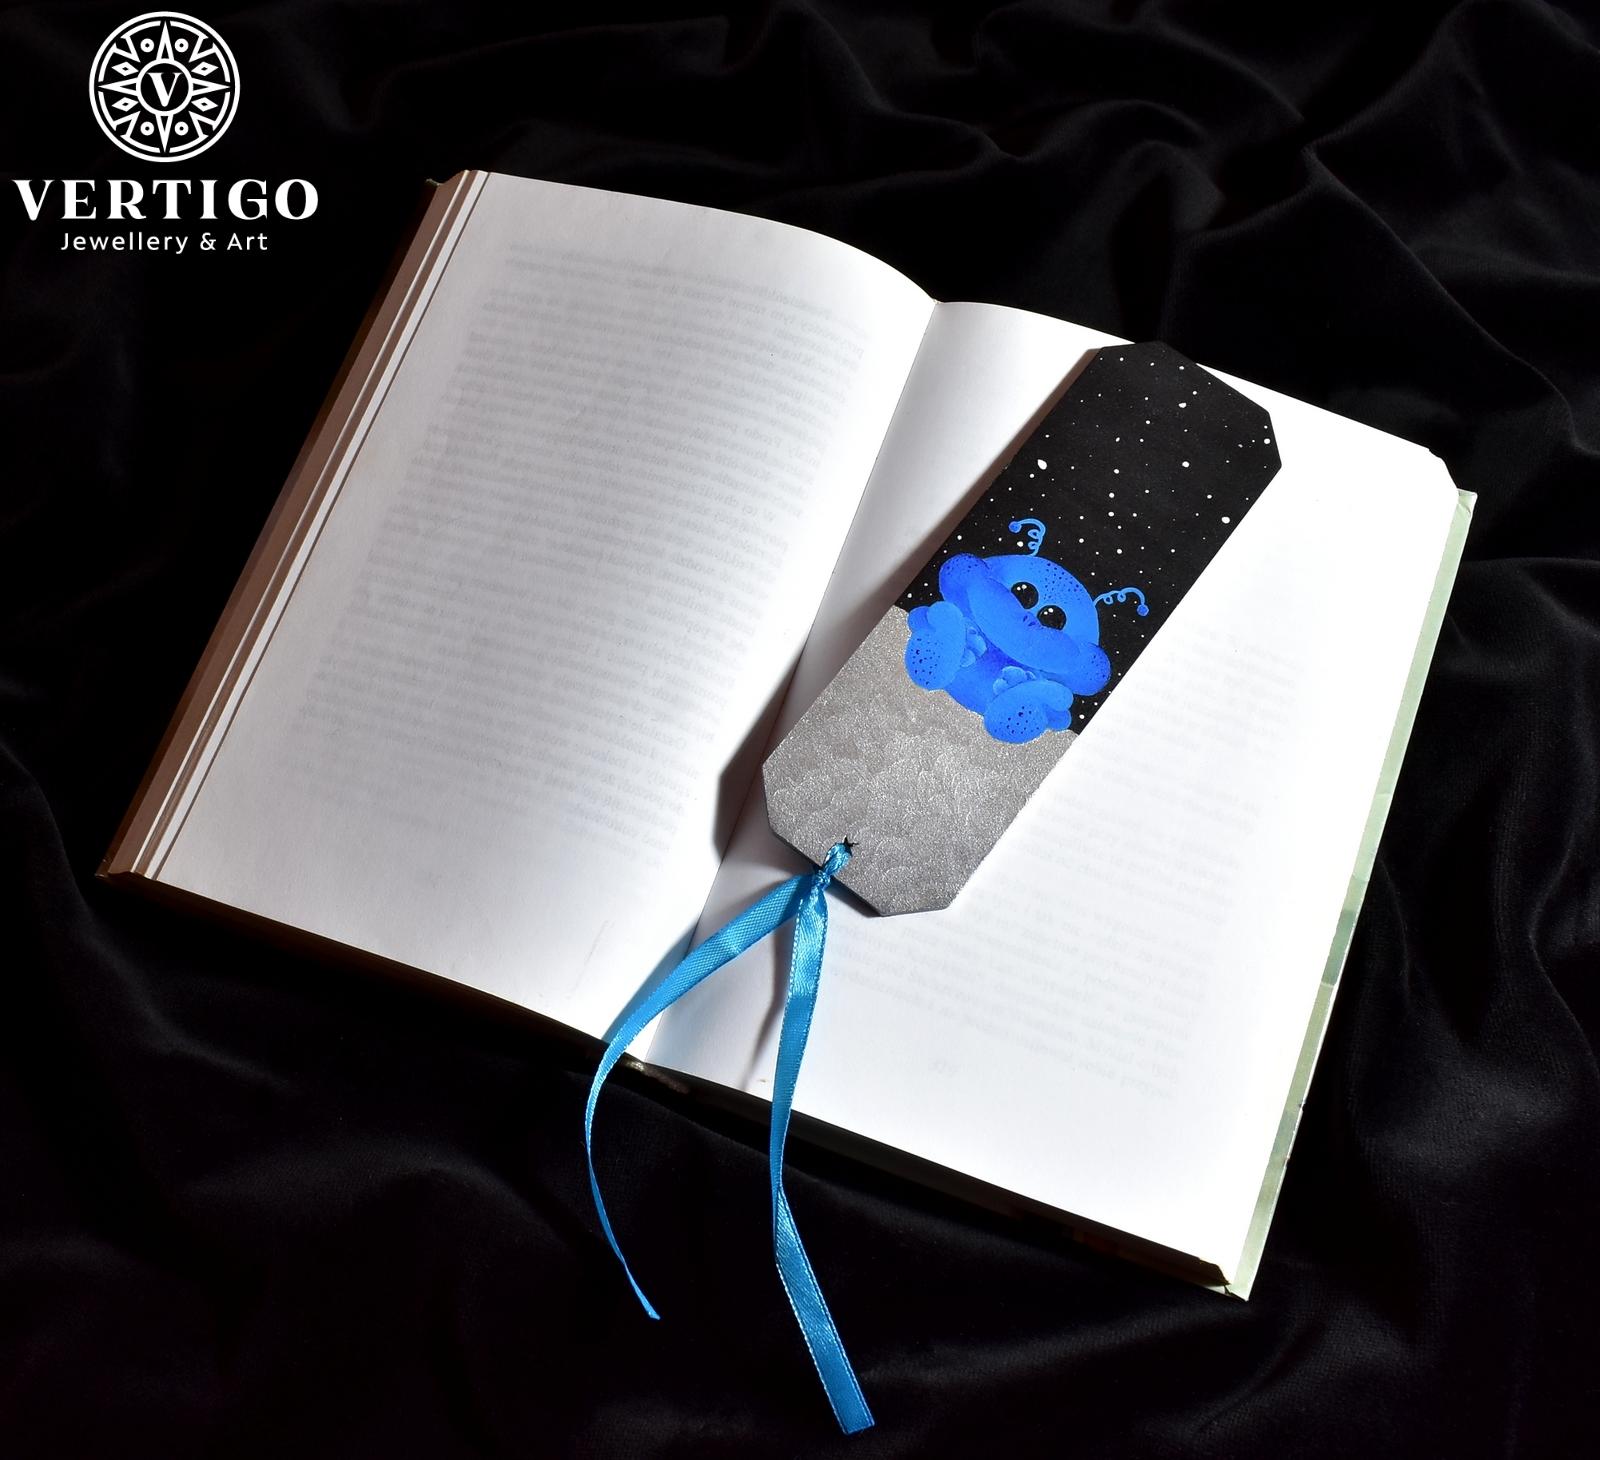 Drewniana zakładka do książki dla dzieci z uroczym ufoludkiem siedzącym na komecie na tle czarnego nieba z gwiazdami.